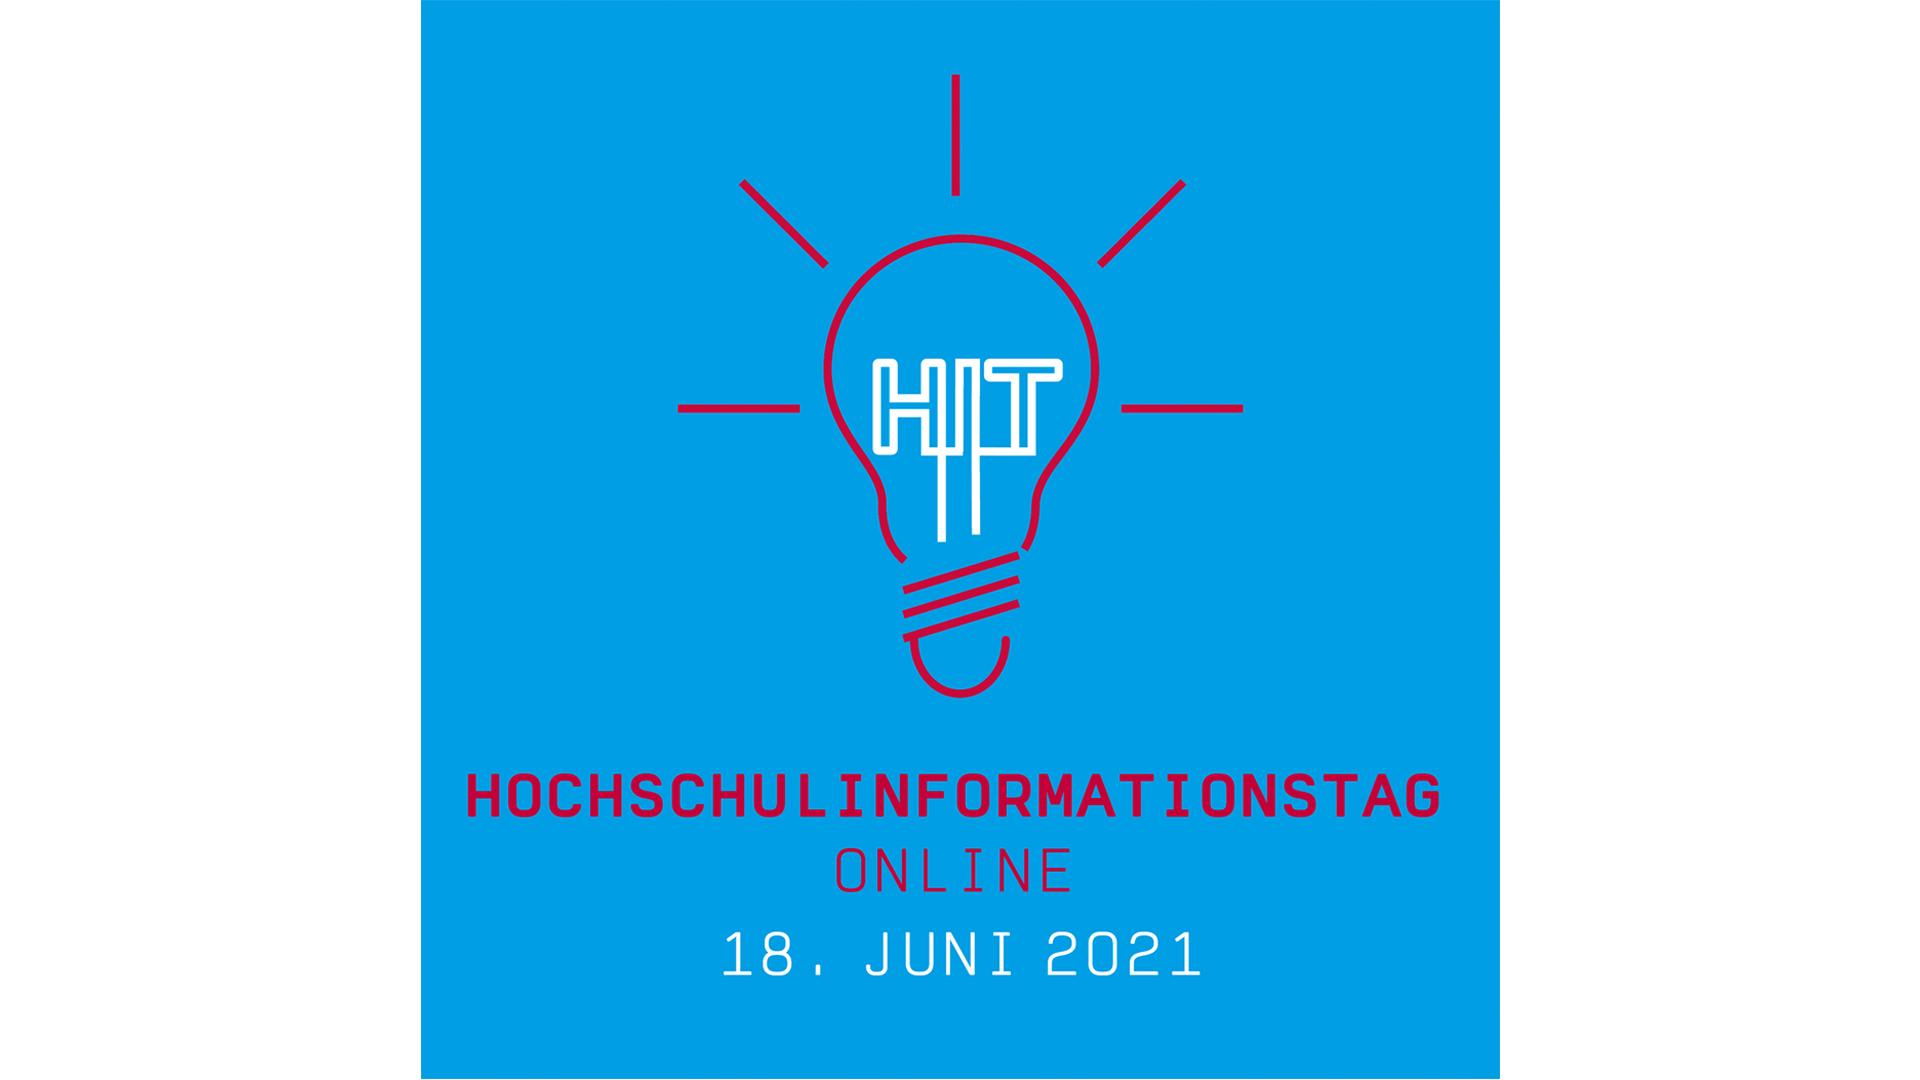 Hochschulinformationstag Online der HRW